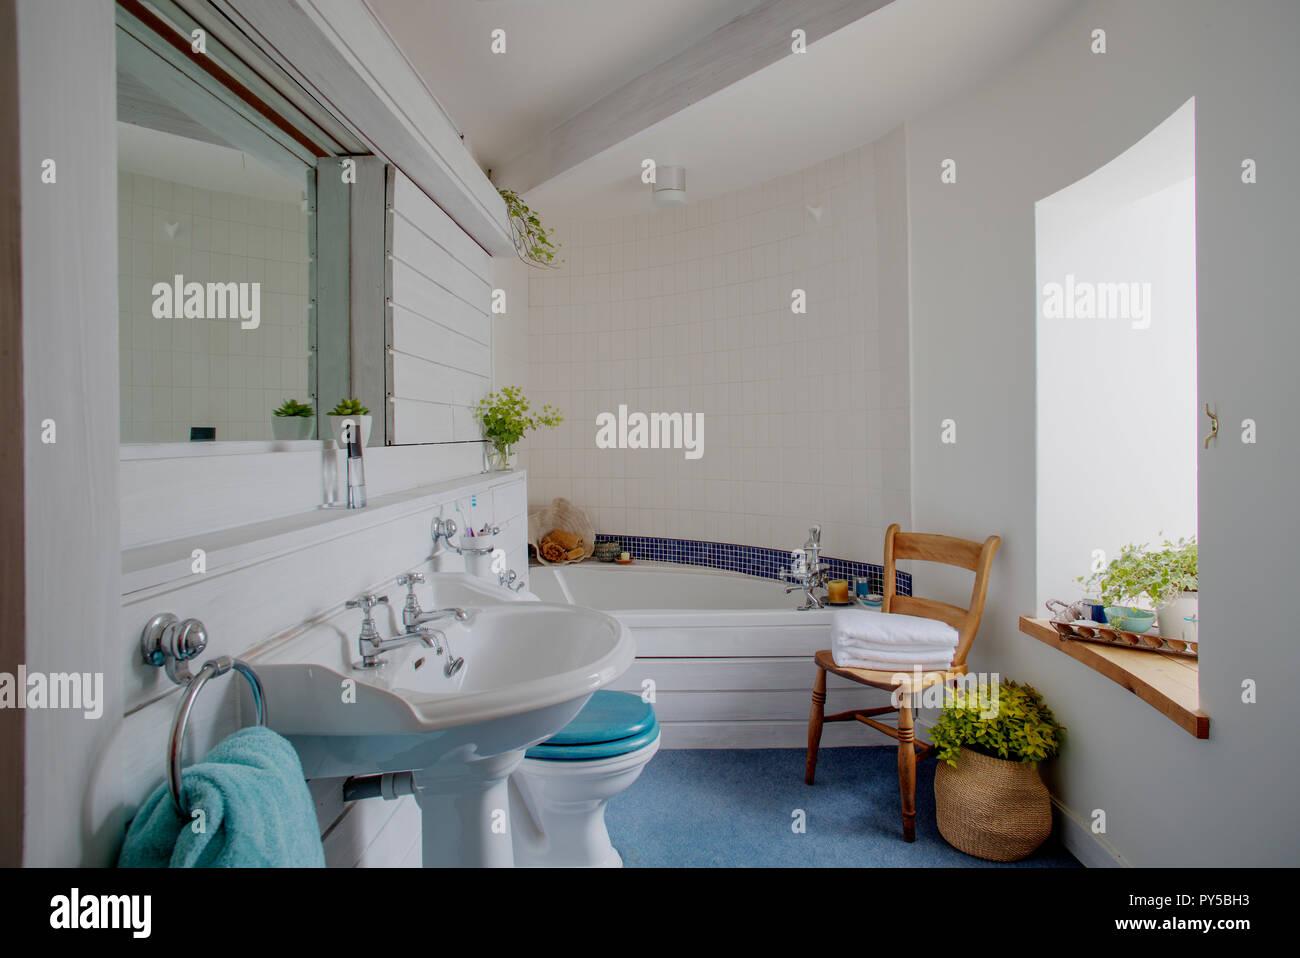 Un ampia vista colpo di un elegante bagno interno un blu mosaico si